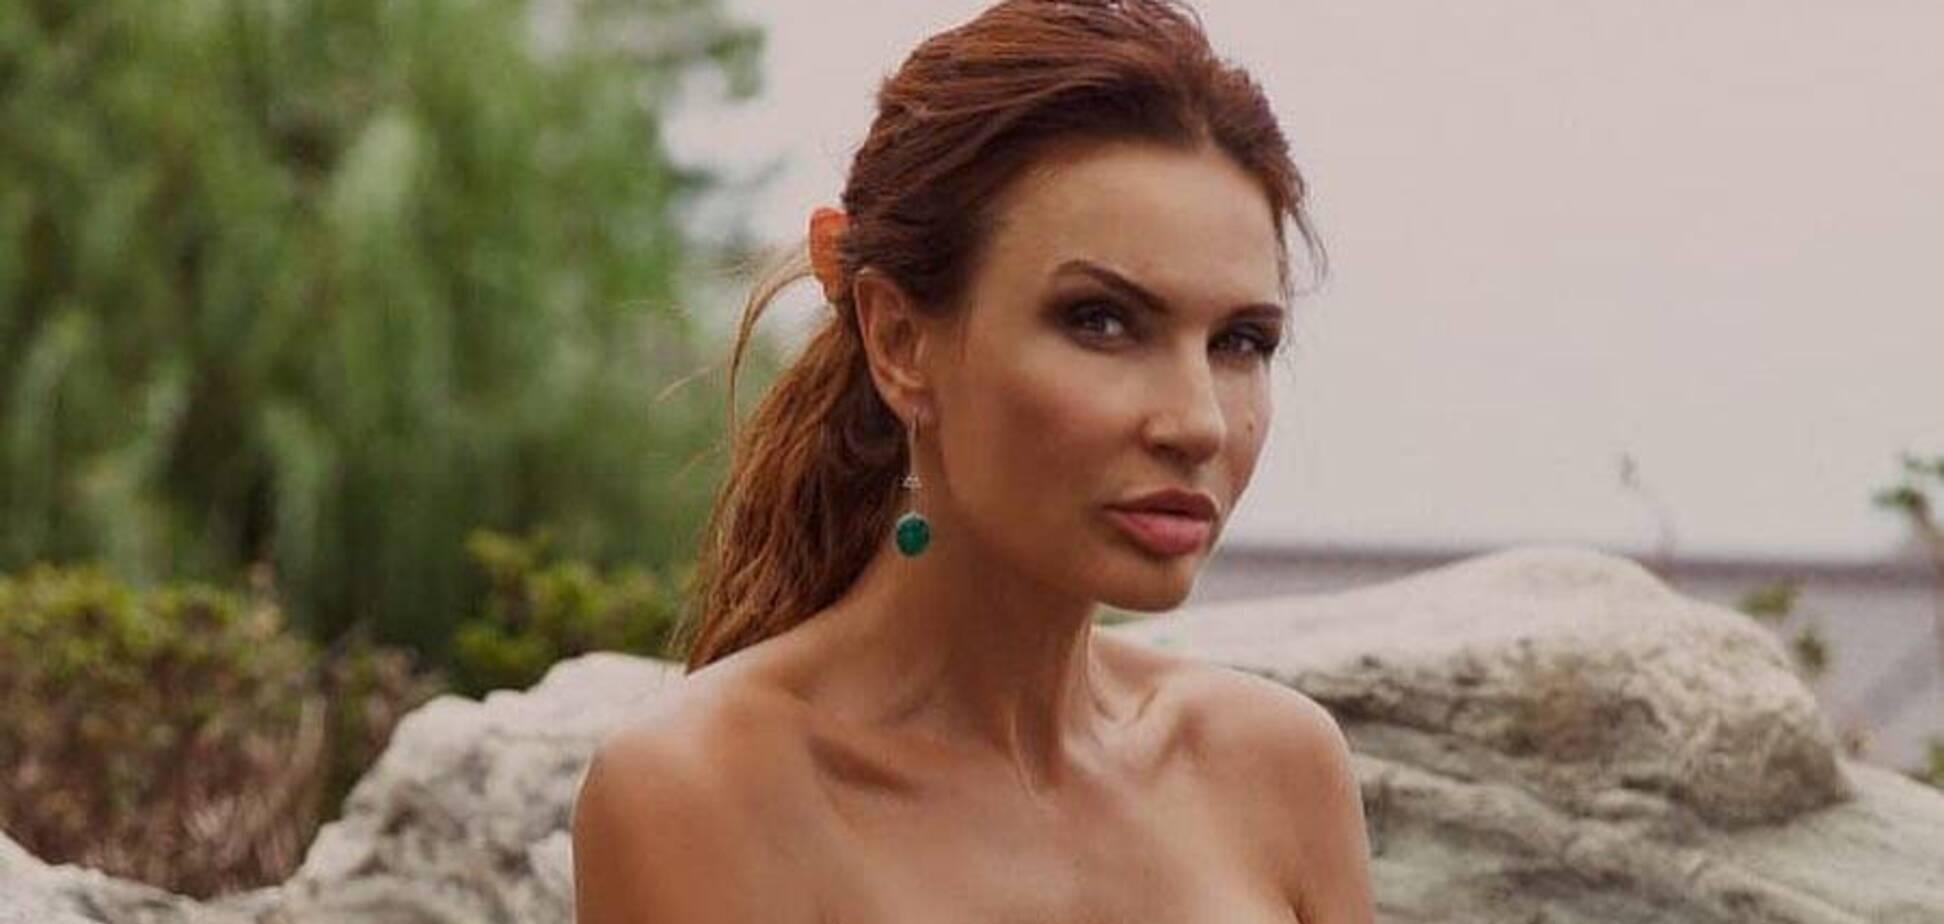 51-річна Бльоданс оголила груди на камеру. Фото